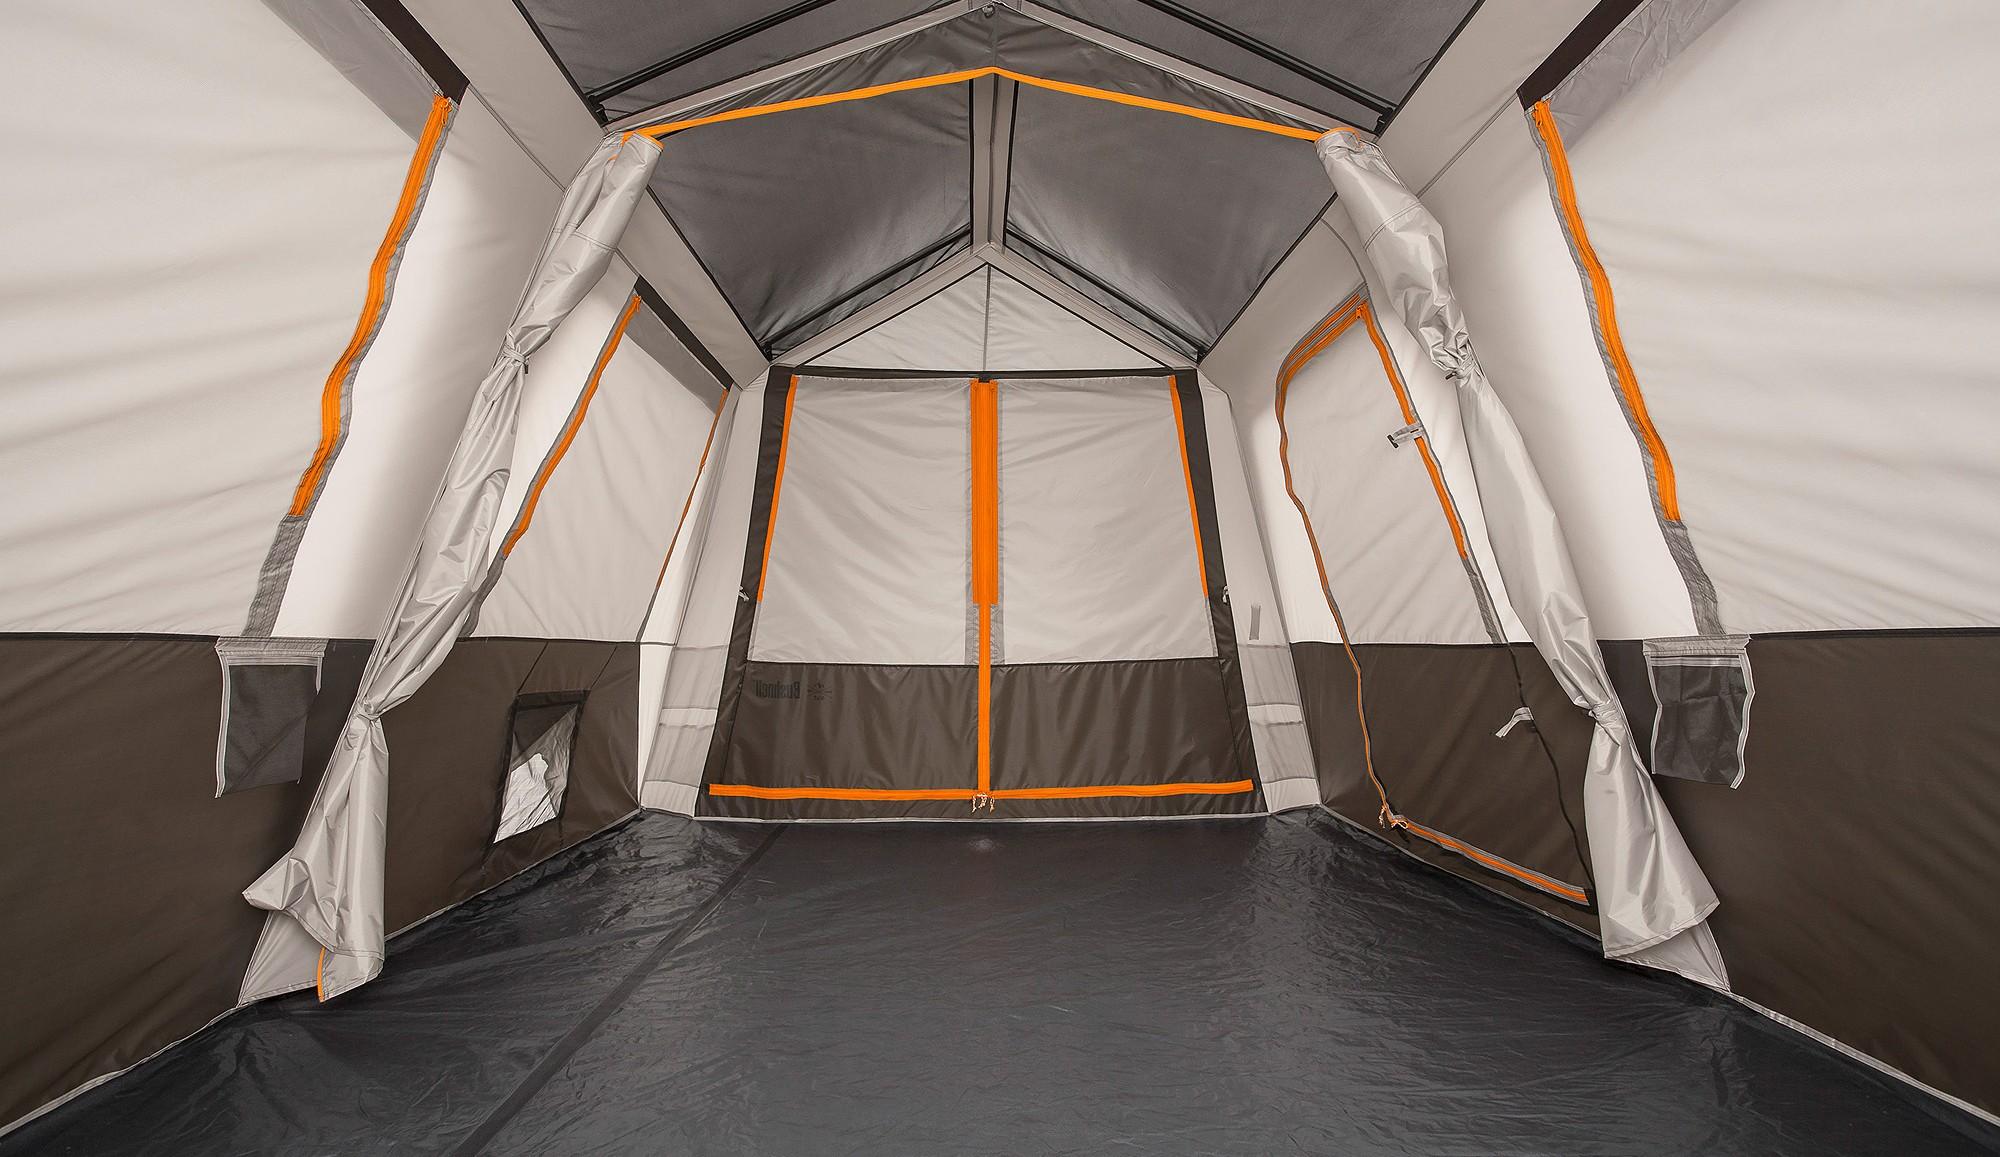 bushnell shield 9-person interior